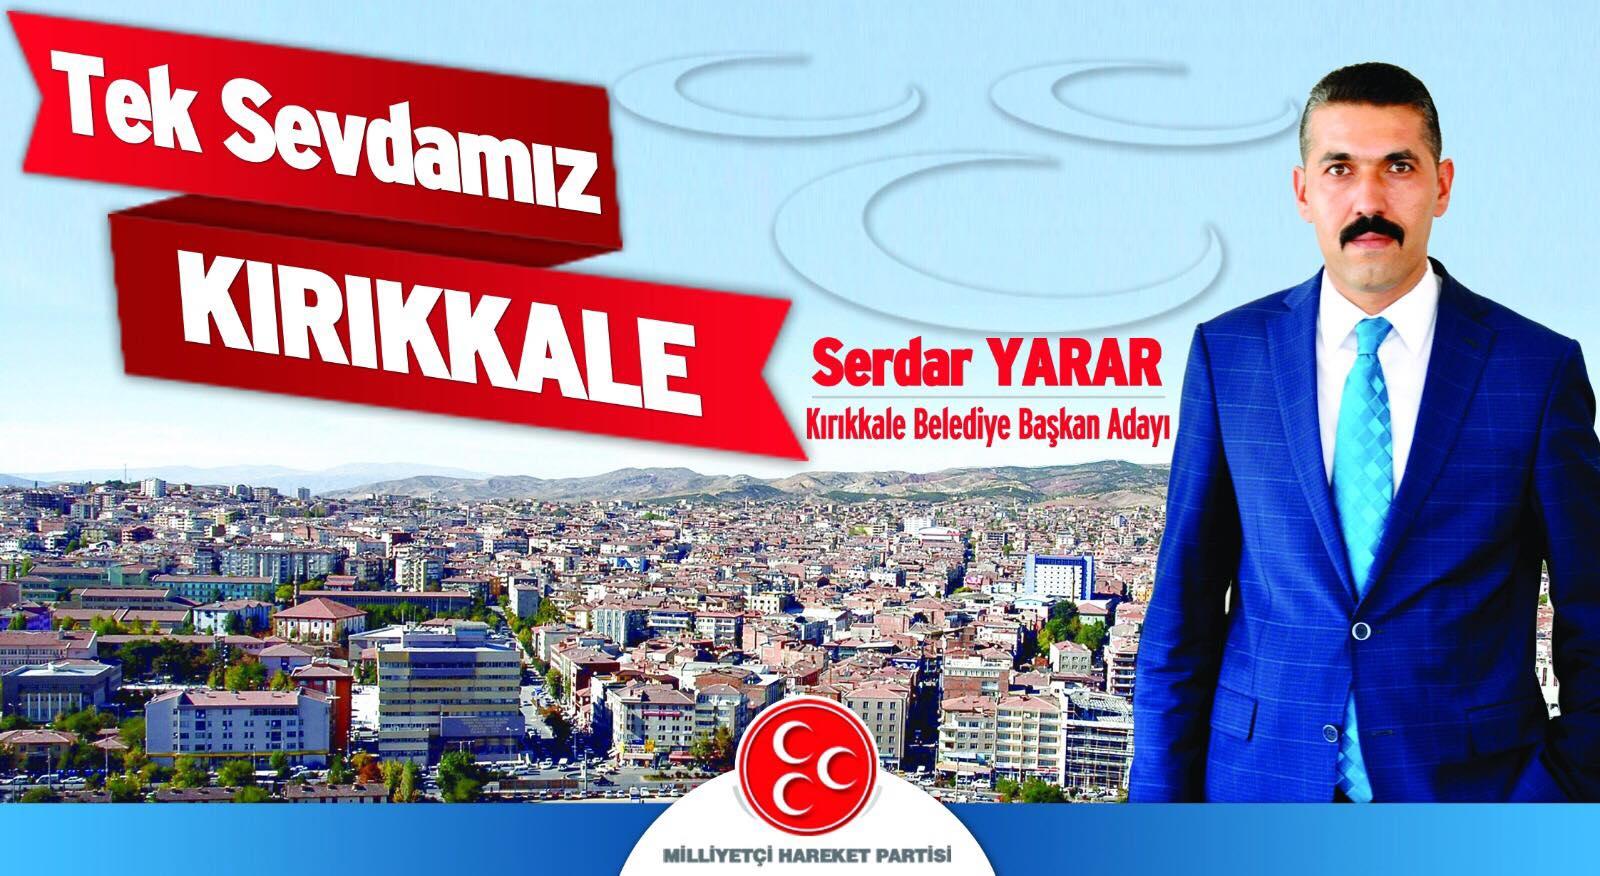 Serdar Yarar MHP Kırıkkale Belediye Başkan Adayı